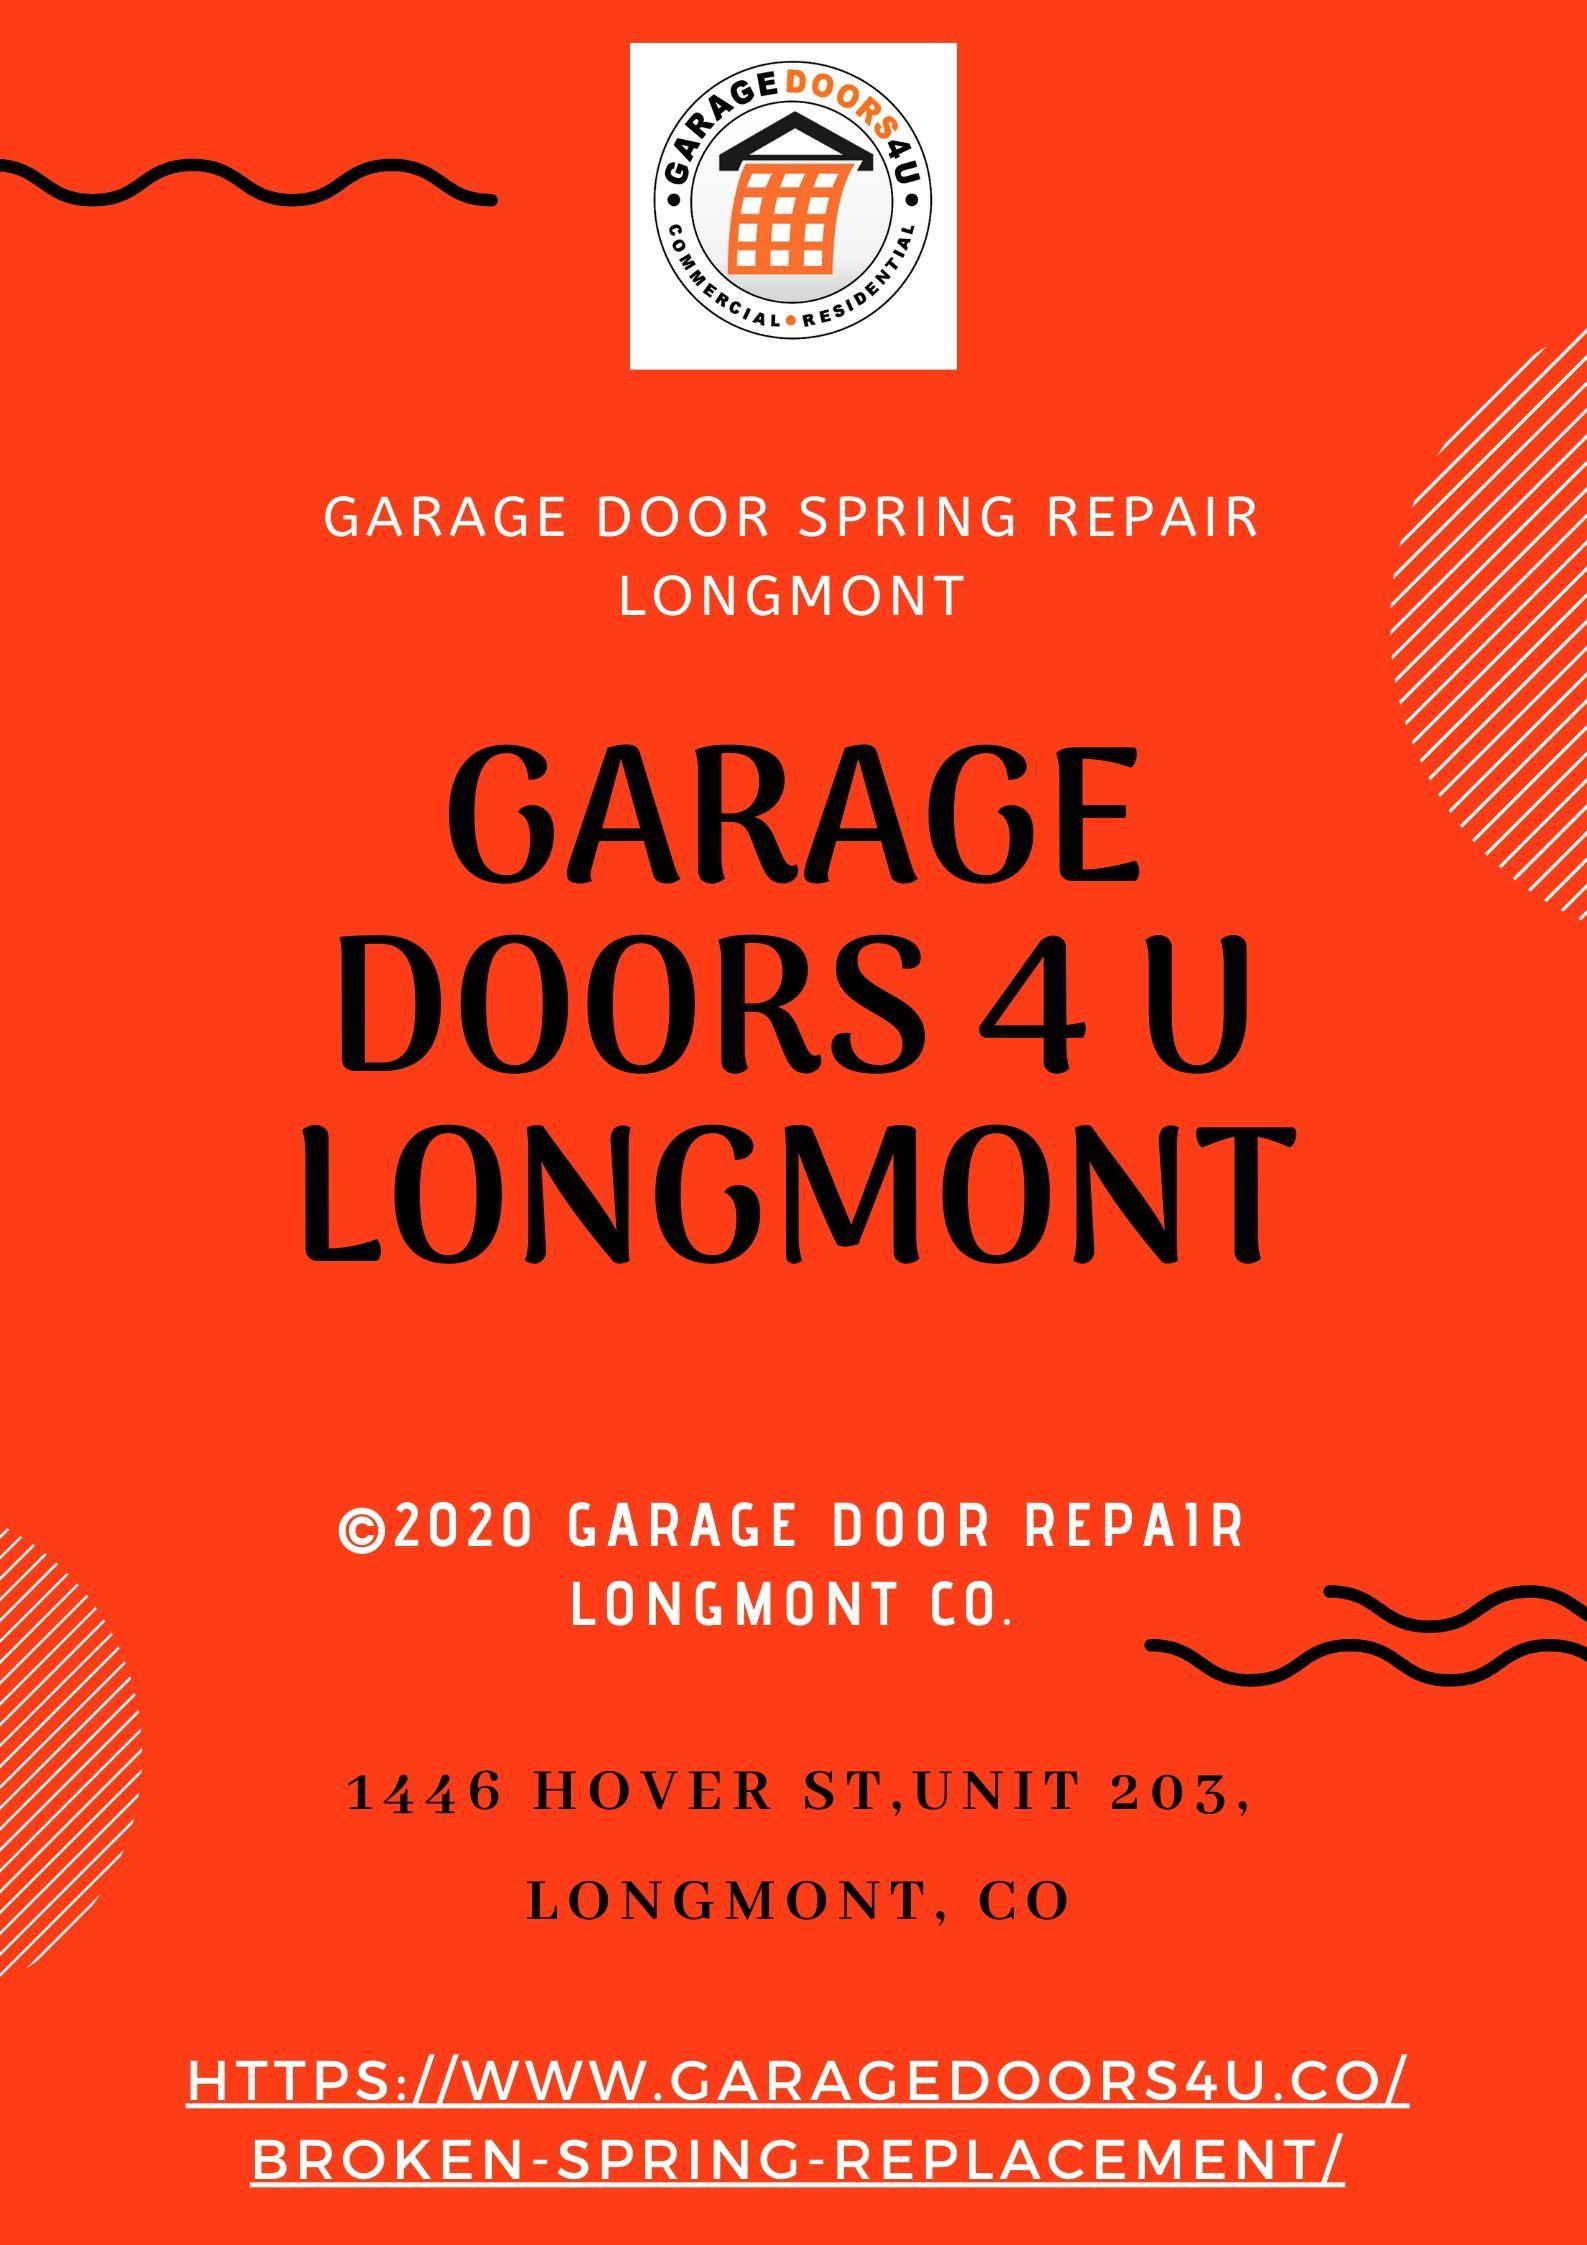 Garage Door Spring Repair Longmont In 2020 Garage Door Spring Repair Garage Door Springs Broken Garage Door